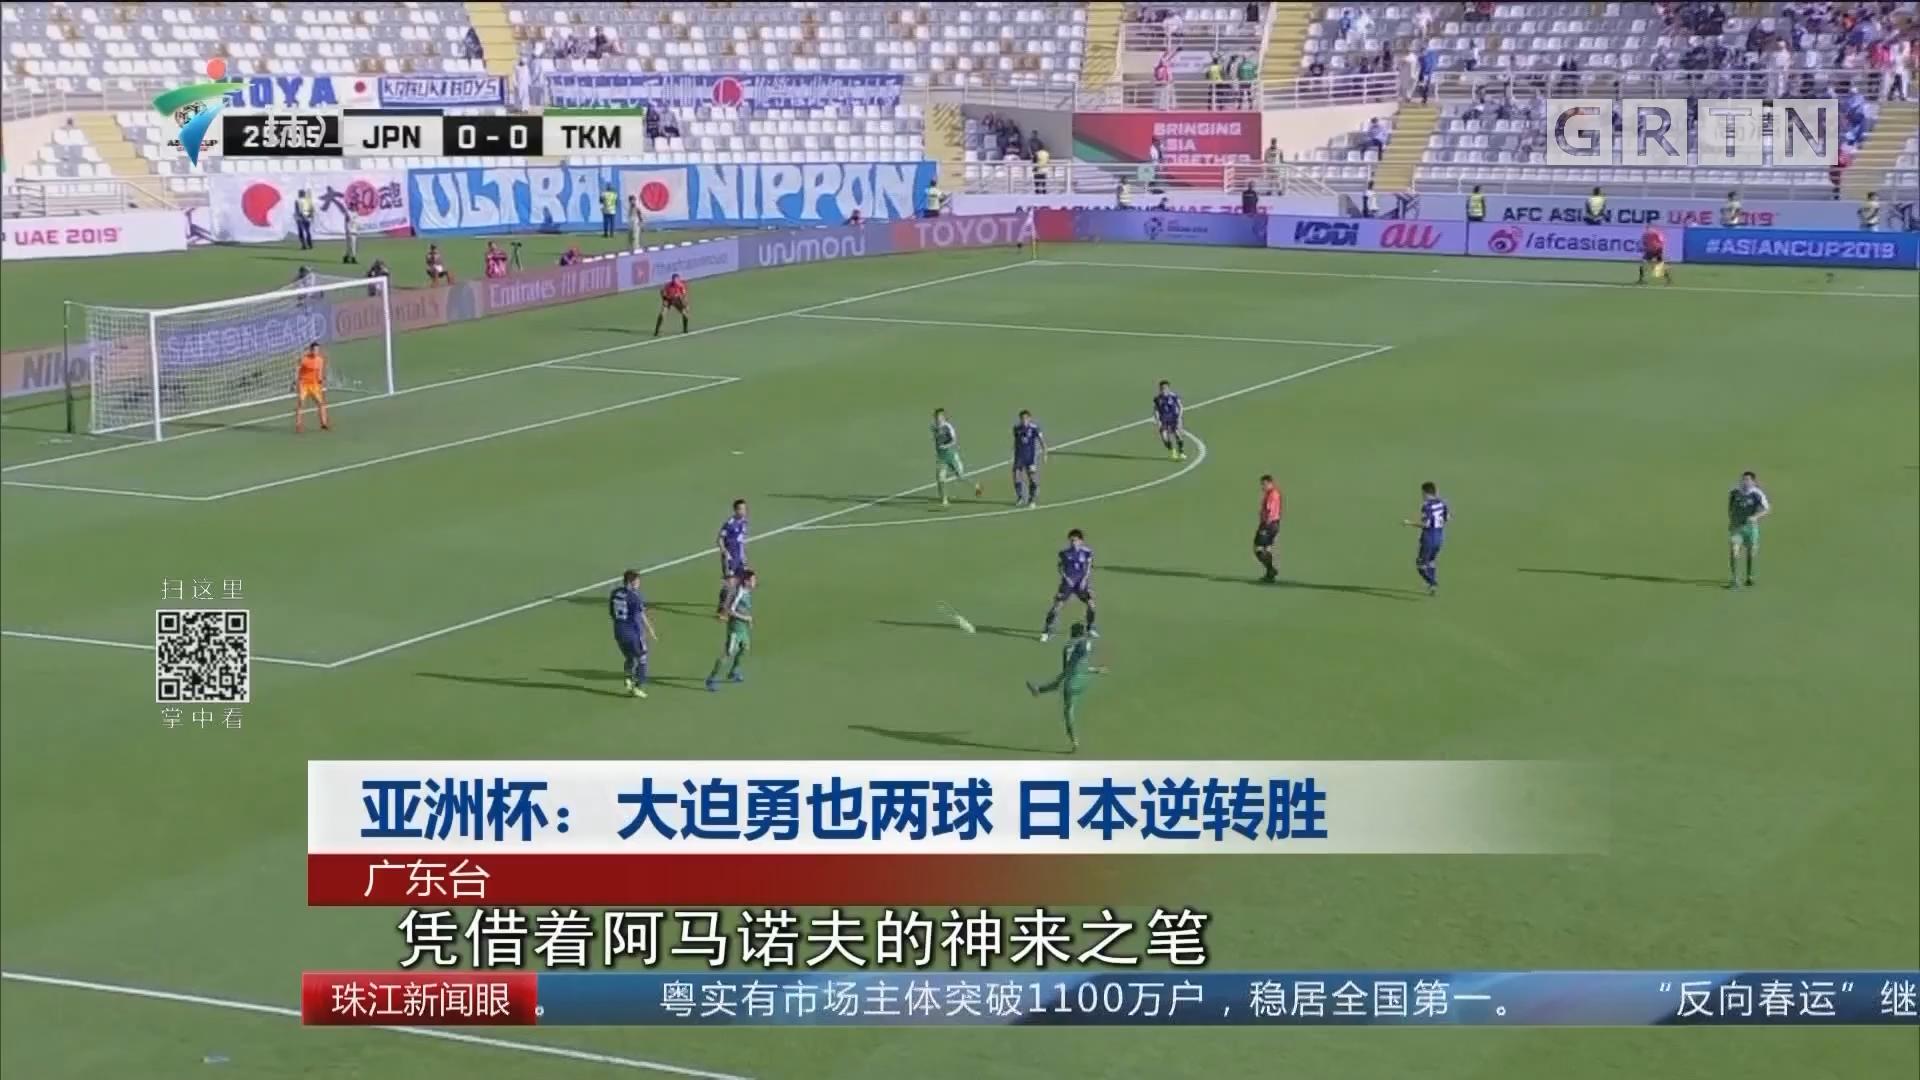 亚洲杯:大迫勇也两球 日本逆转胜